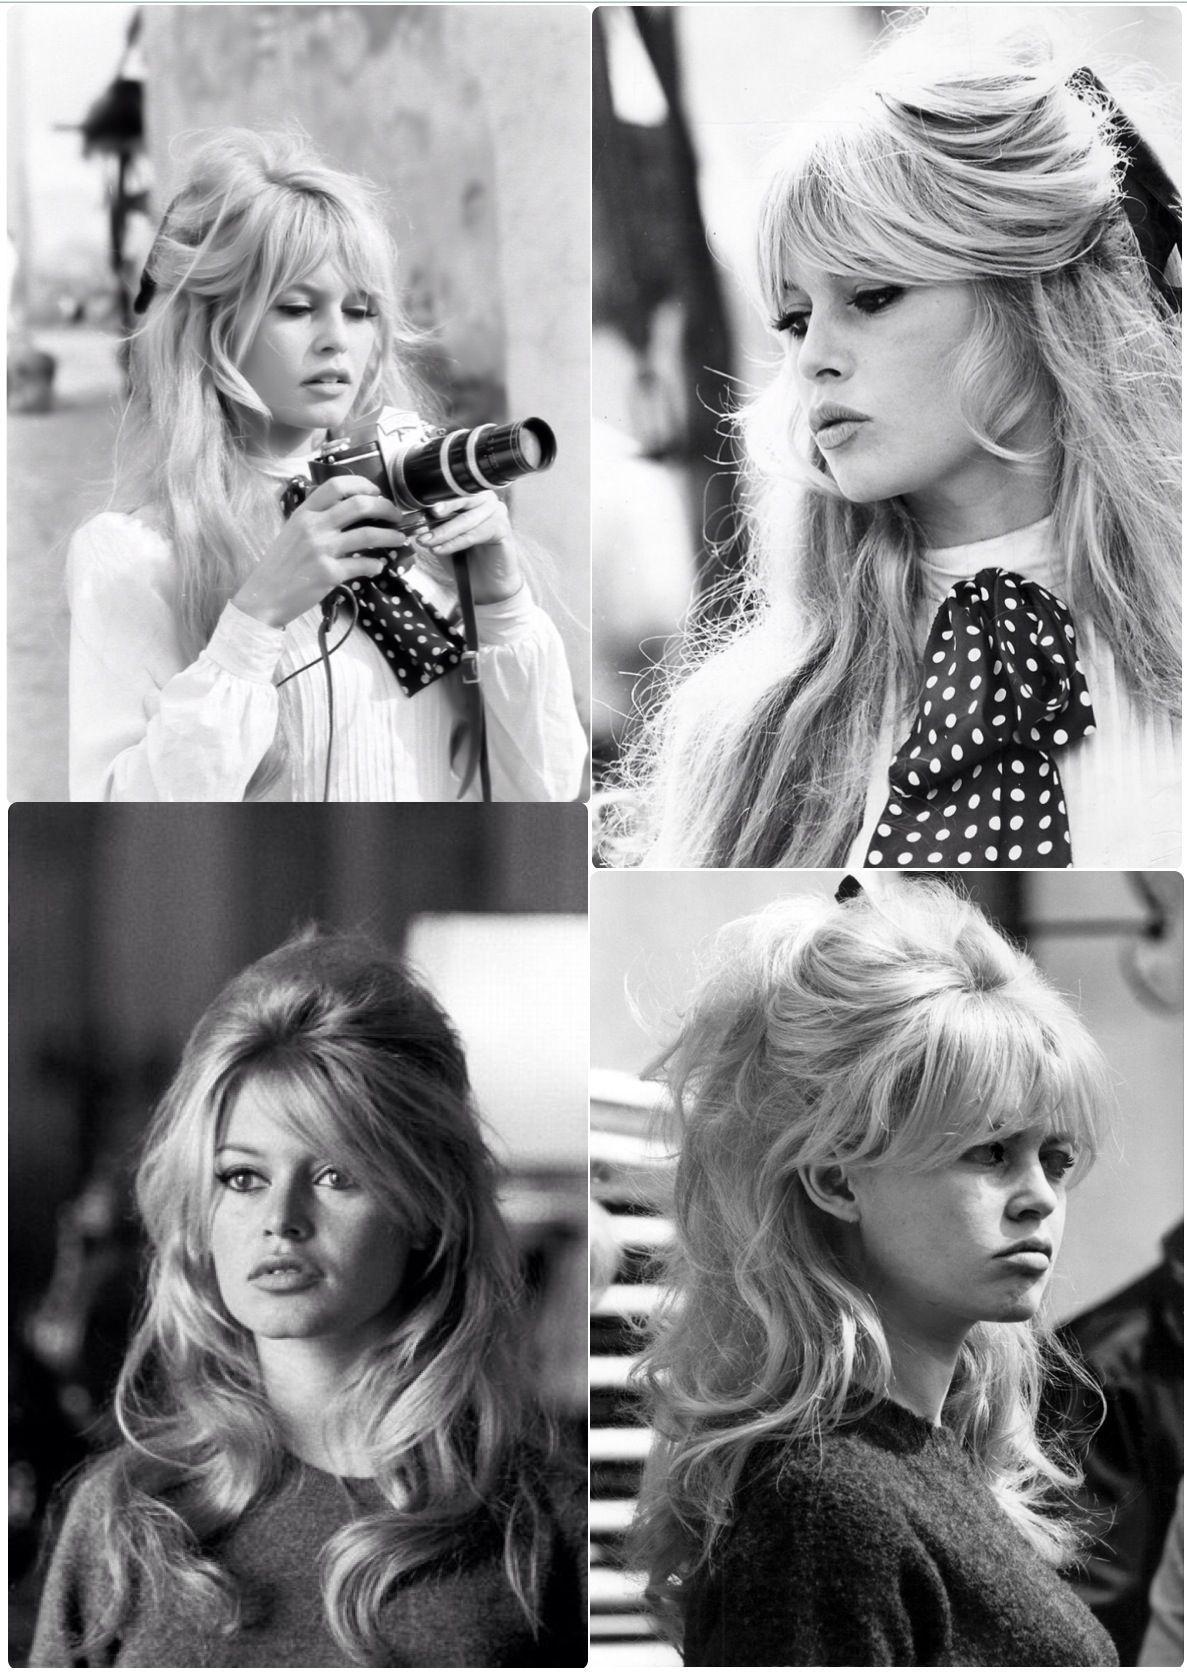 Brigitte Bardot S Hair Klassische Half Up Half Down Bouffant Brigitte Bardot S Hair Klassische Half In 2020 Hochzeit Frisuren Pony Frisur Lange Haare Pony 70s Haar